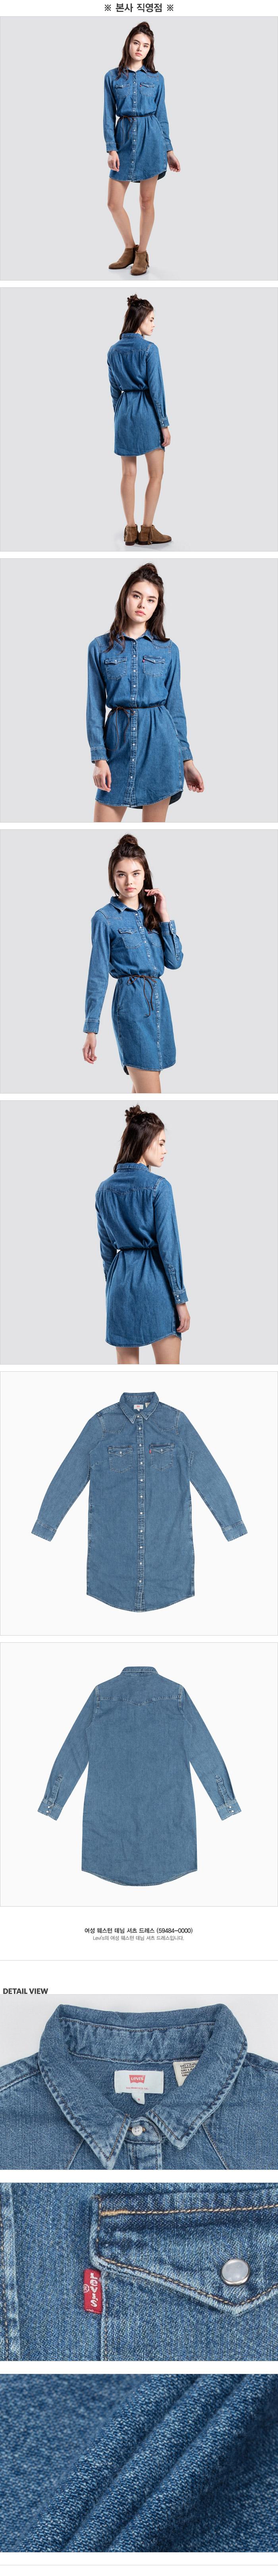 리바이스(LEVI'S) 여성 웨스턴 데님 셔츠 드레스_59484-0000